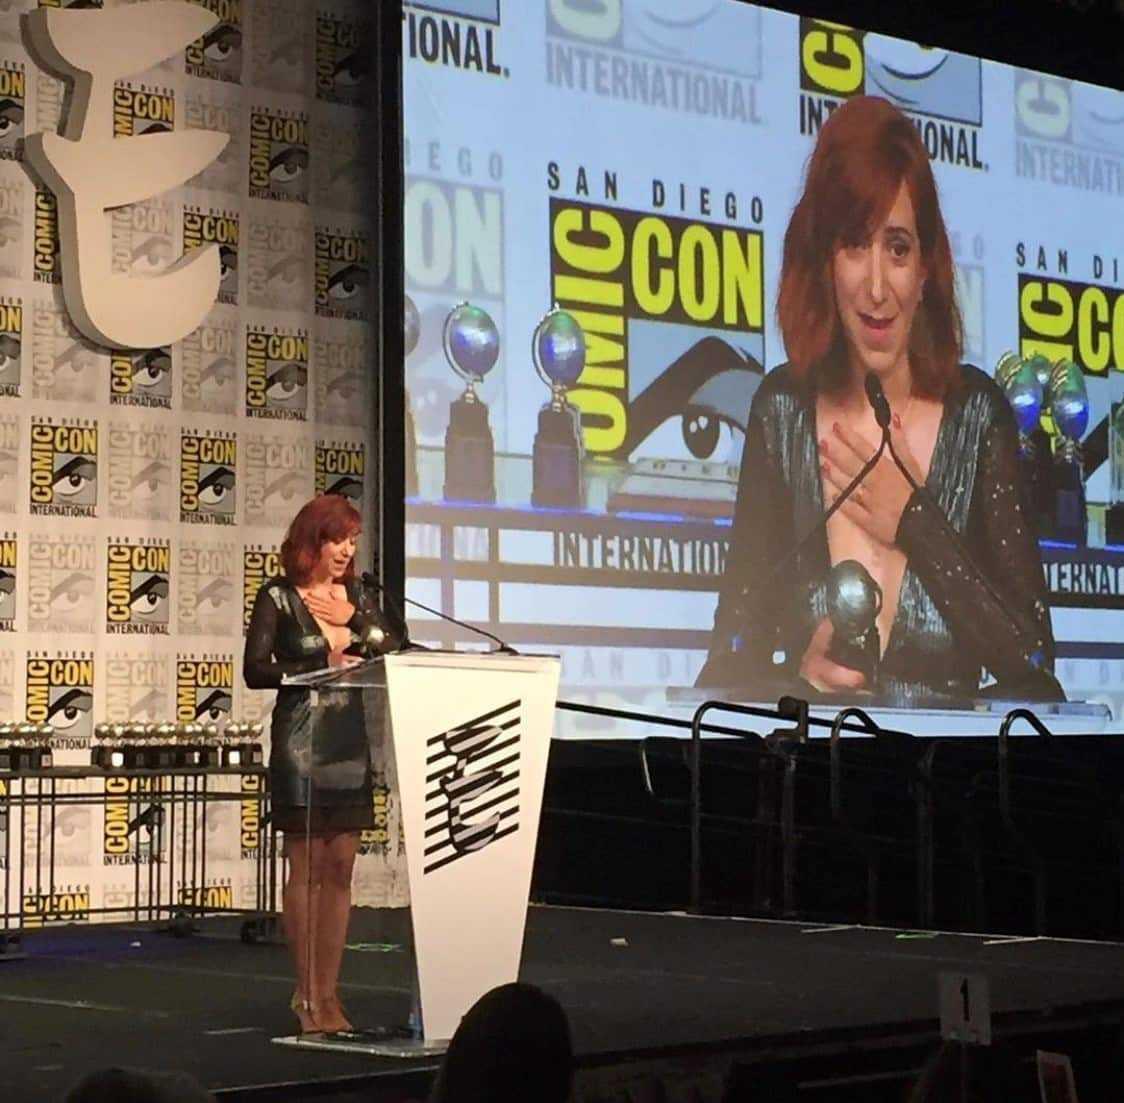 Pénélope Bagieu reçoit à San Diego l'Eisner Award du meilleur livre étranger pour Culottées